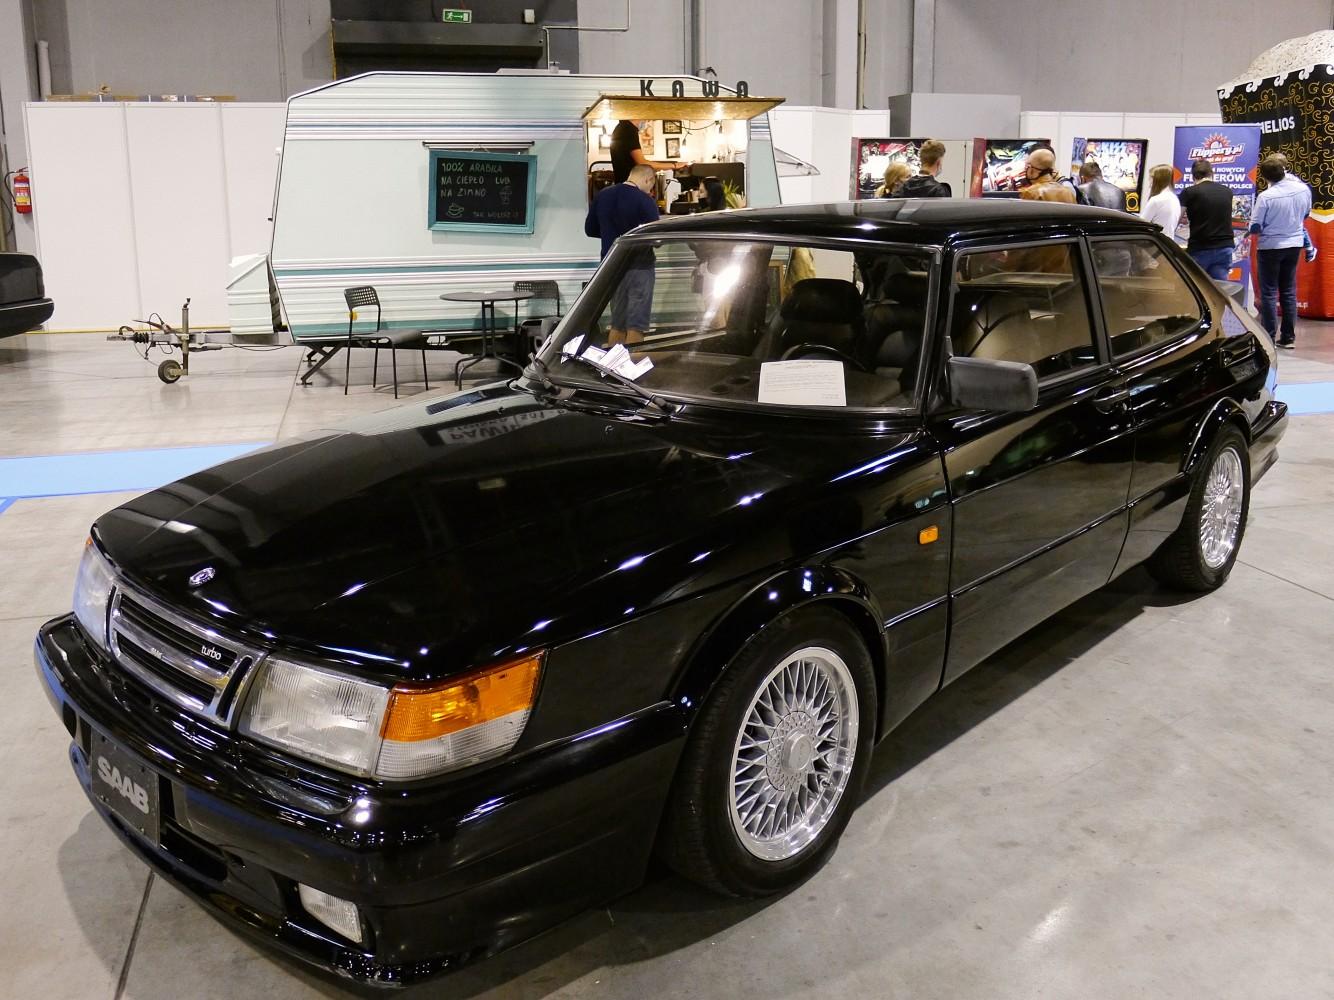 Kliknij obrazek, aby uzyskać większą wersję  Nazwa:Saab 900 (1).jpg Wyświetleń:52 Rozmiar:319,0 KB ID:232481